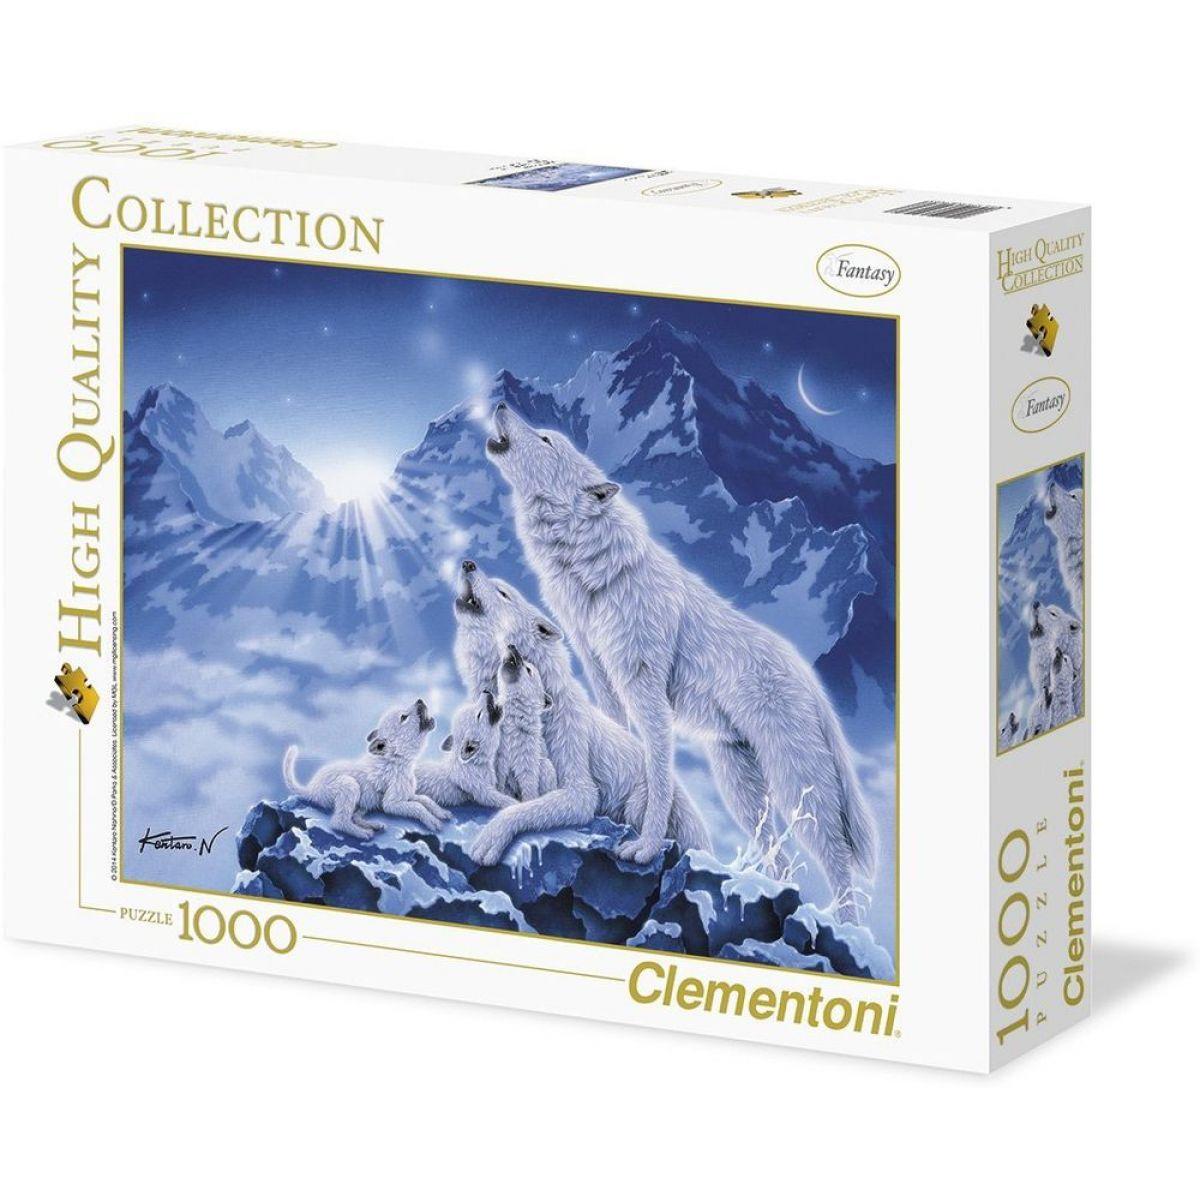 CLEMENTONI 1000 dielikov Rodina vlkov